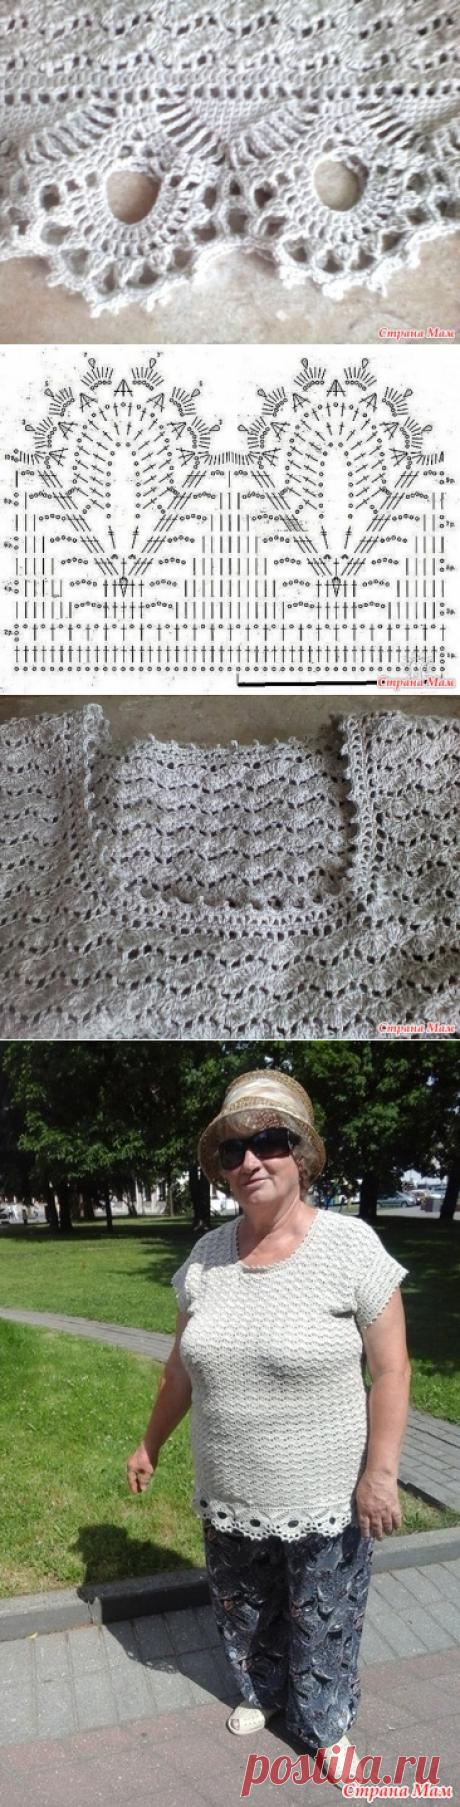 Туника для мамы (крючок) - Вязание - Страна Мам